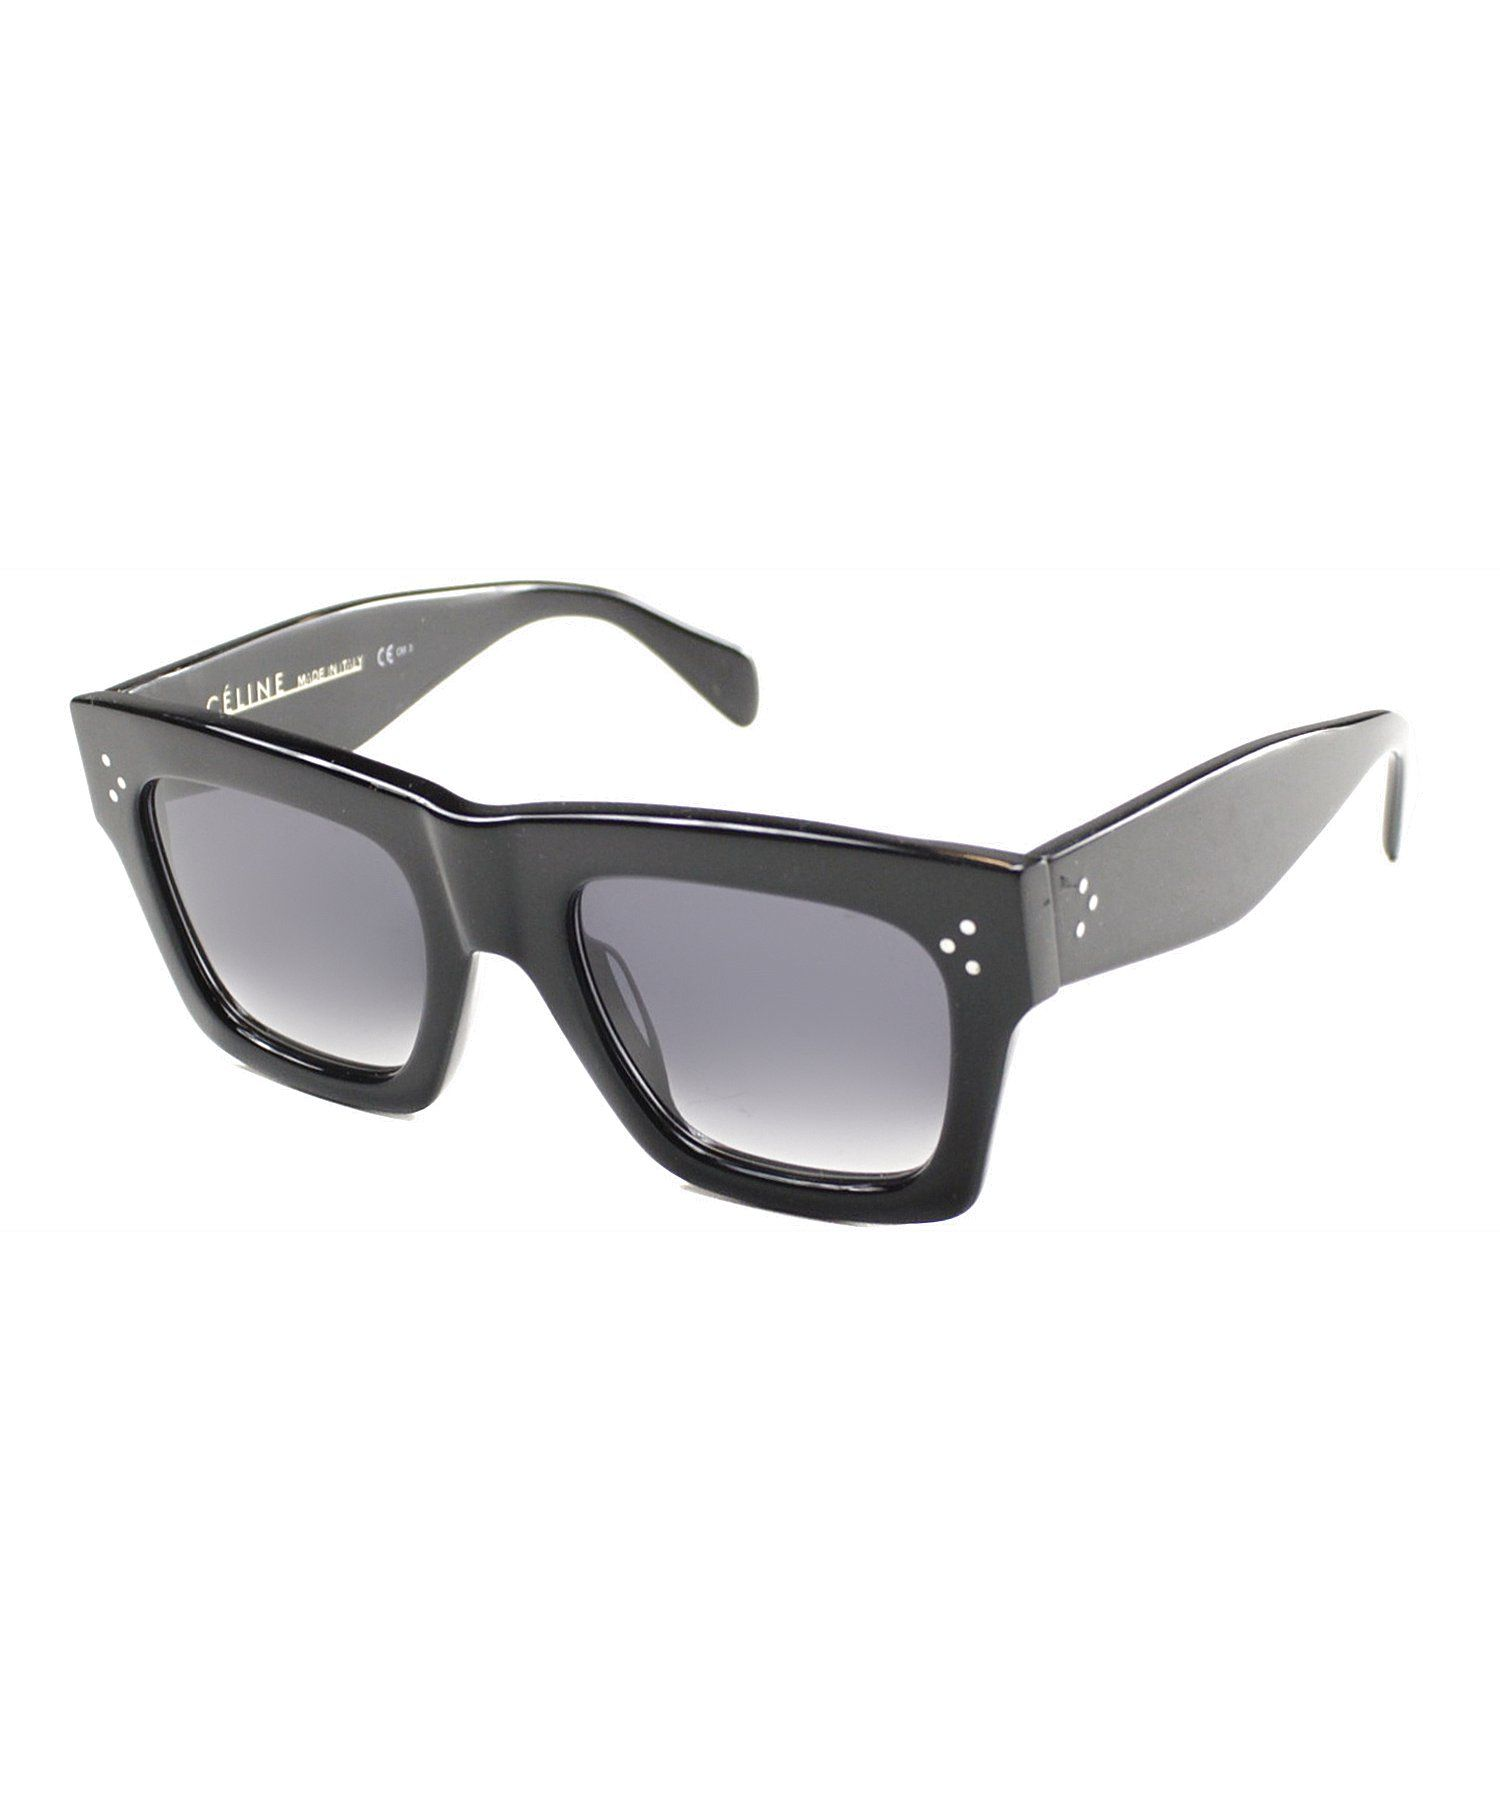 1e033328a0496 Celine Celine CL 41054 807 Black Sunglasses Grey Gradient Lens ...